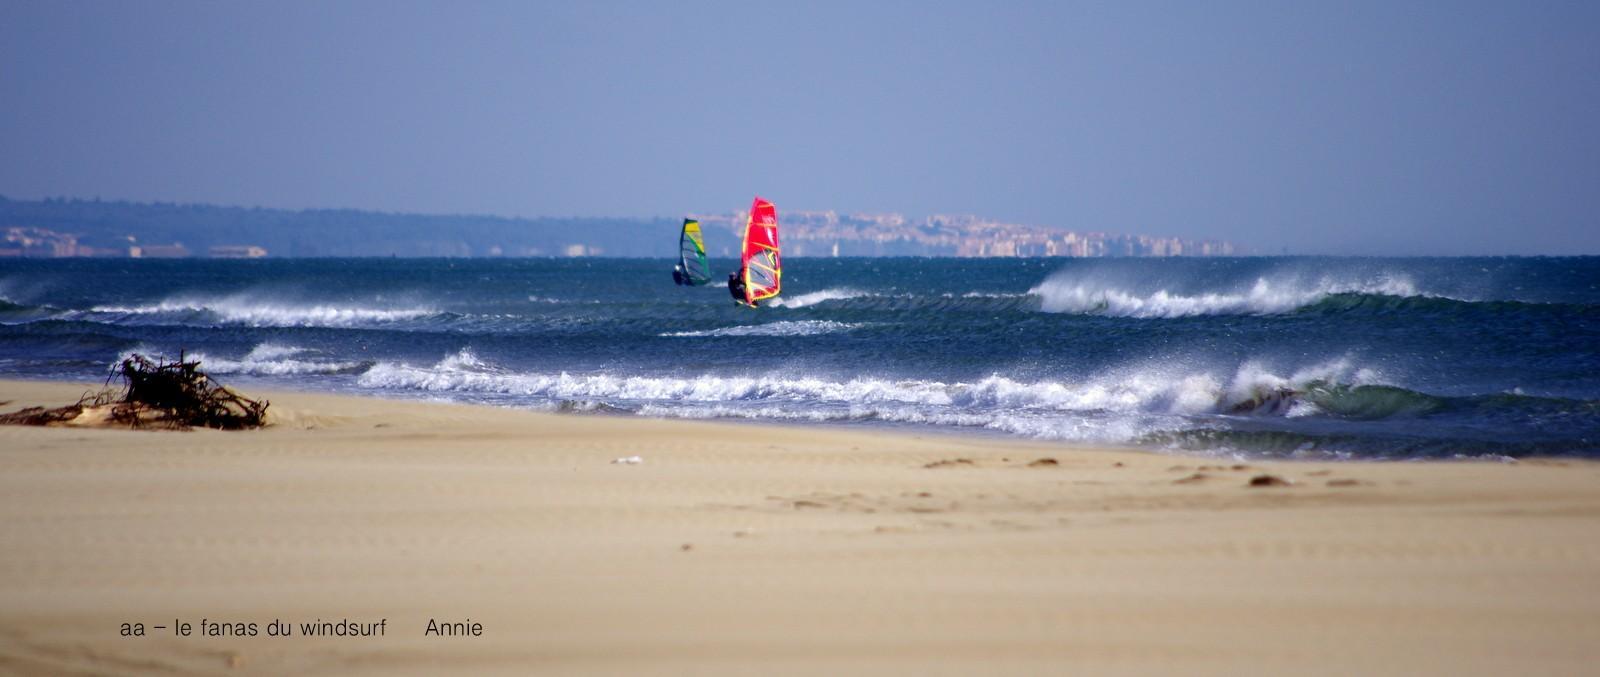 Surf report port la nouvelle 11 du 2015 10 13 12 00 00 - Meteo port la nouvelle ...